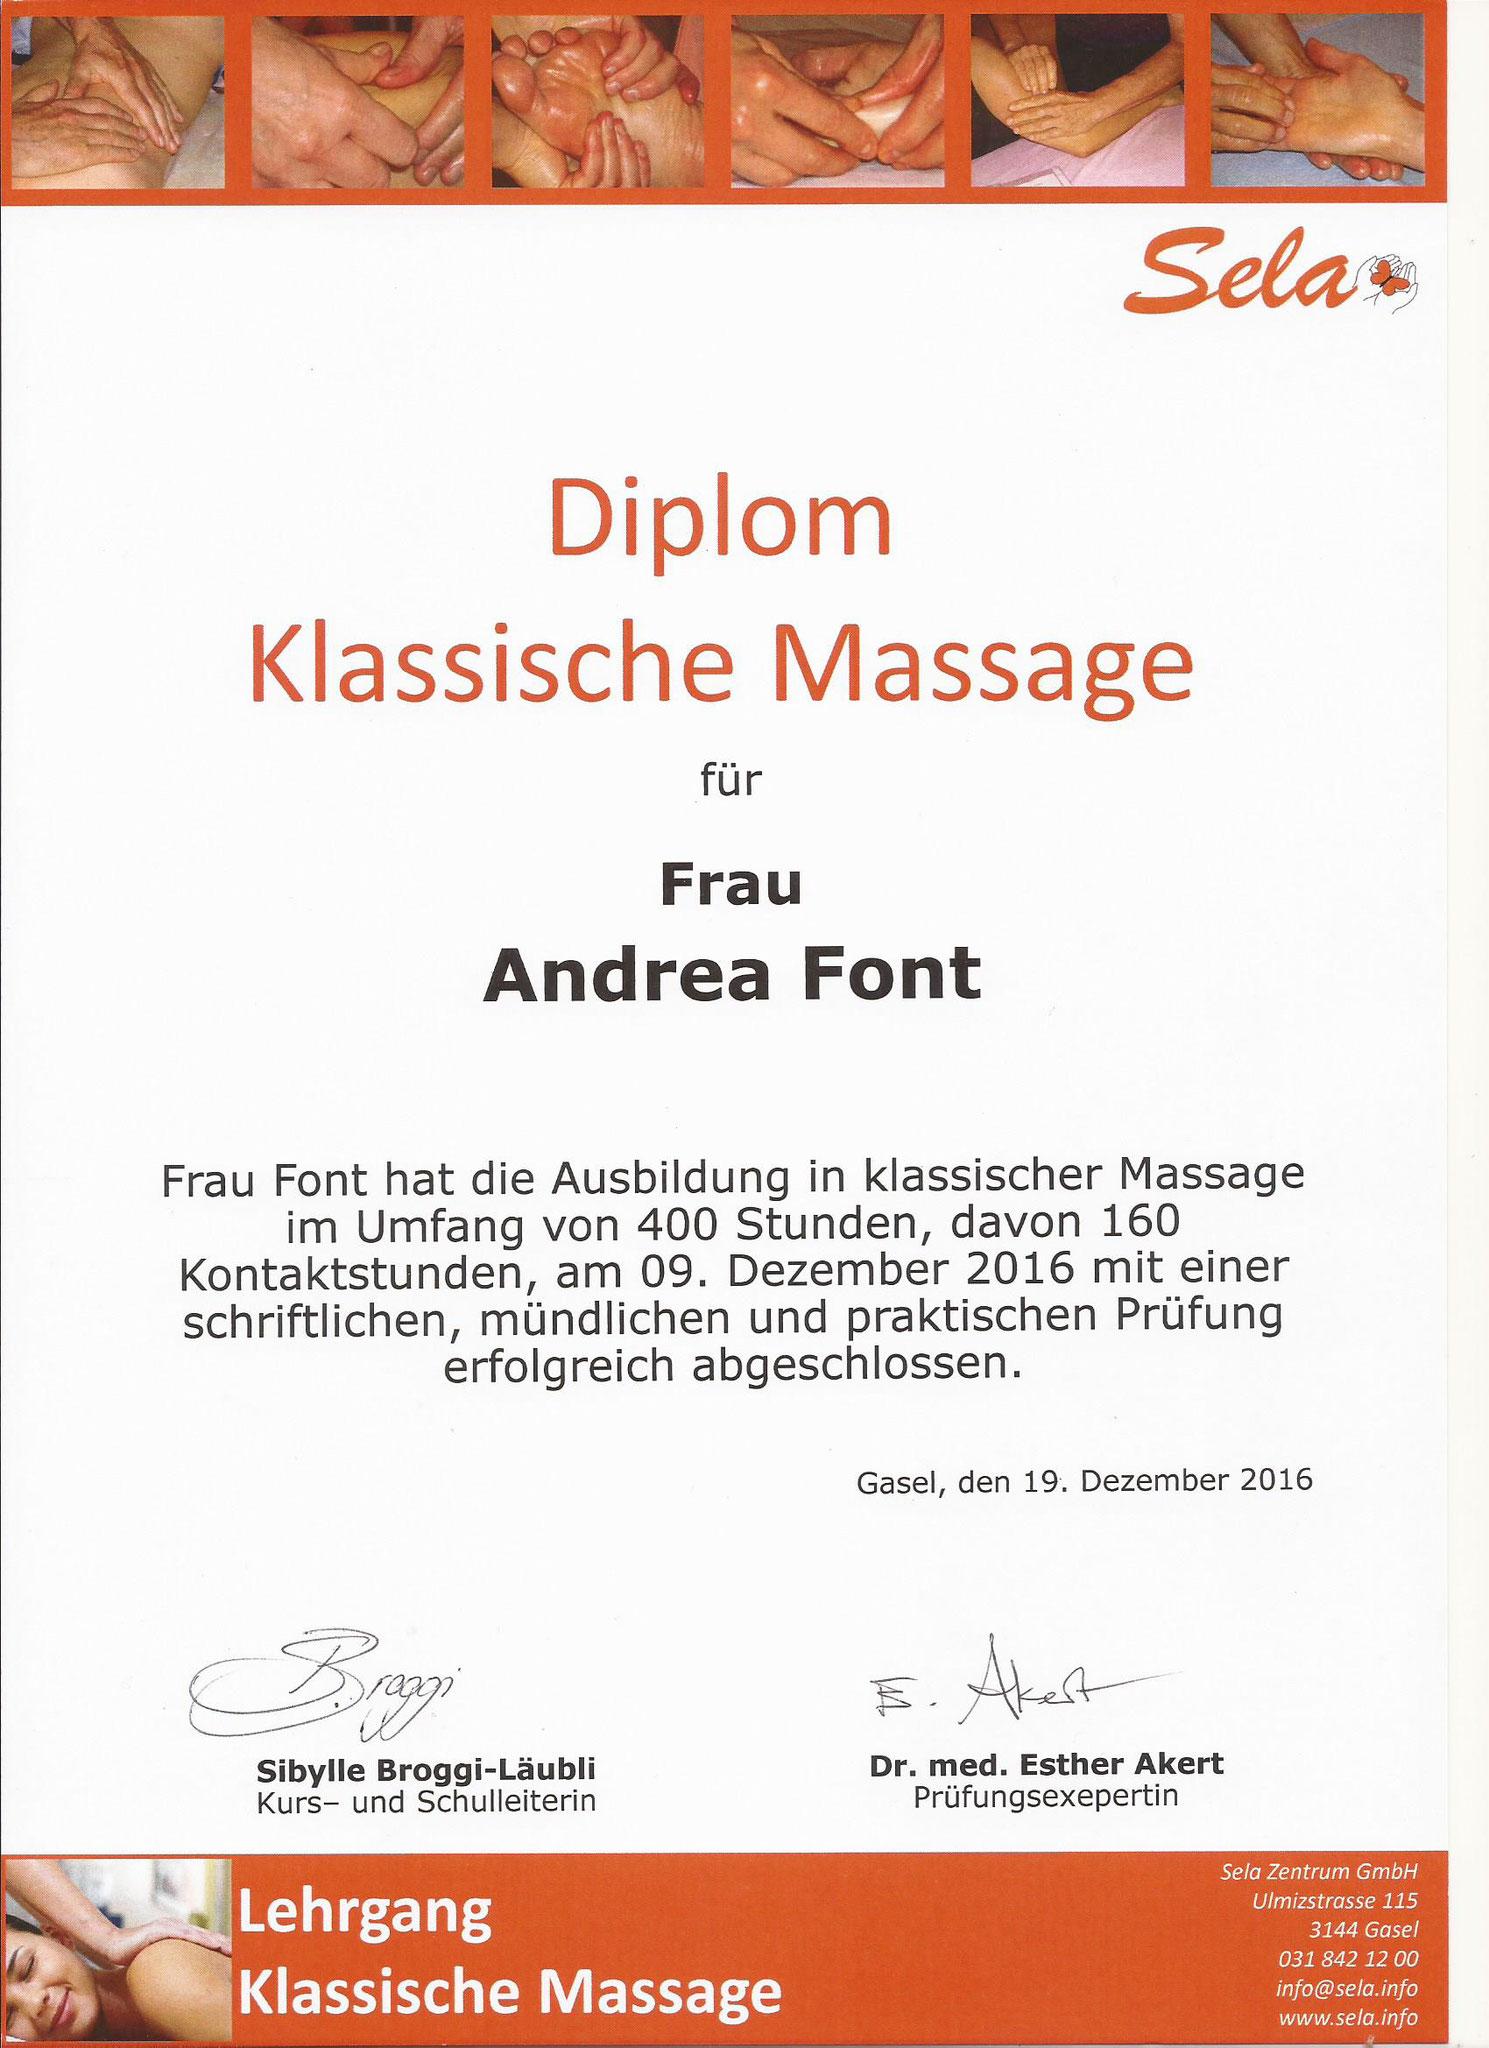 Klassische Massage, 2016